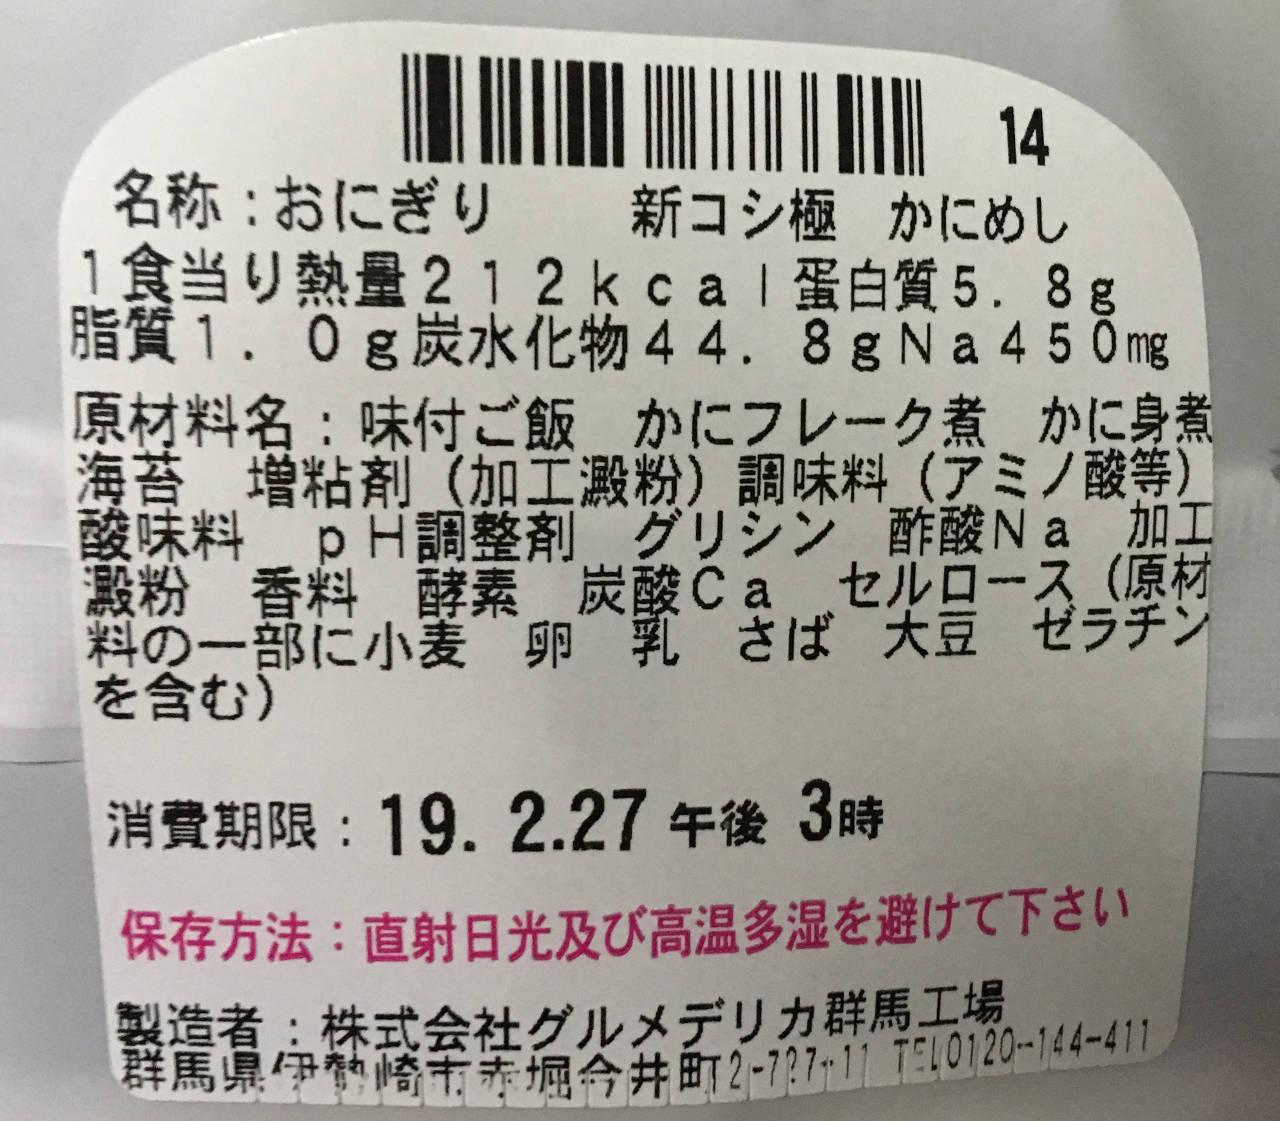 栄養成分表示:新潟コシヒカリおにぎり「極」 かにめし|ローソン